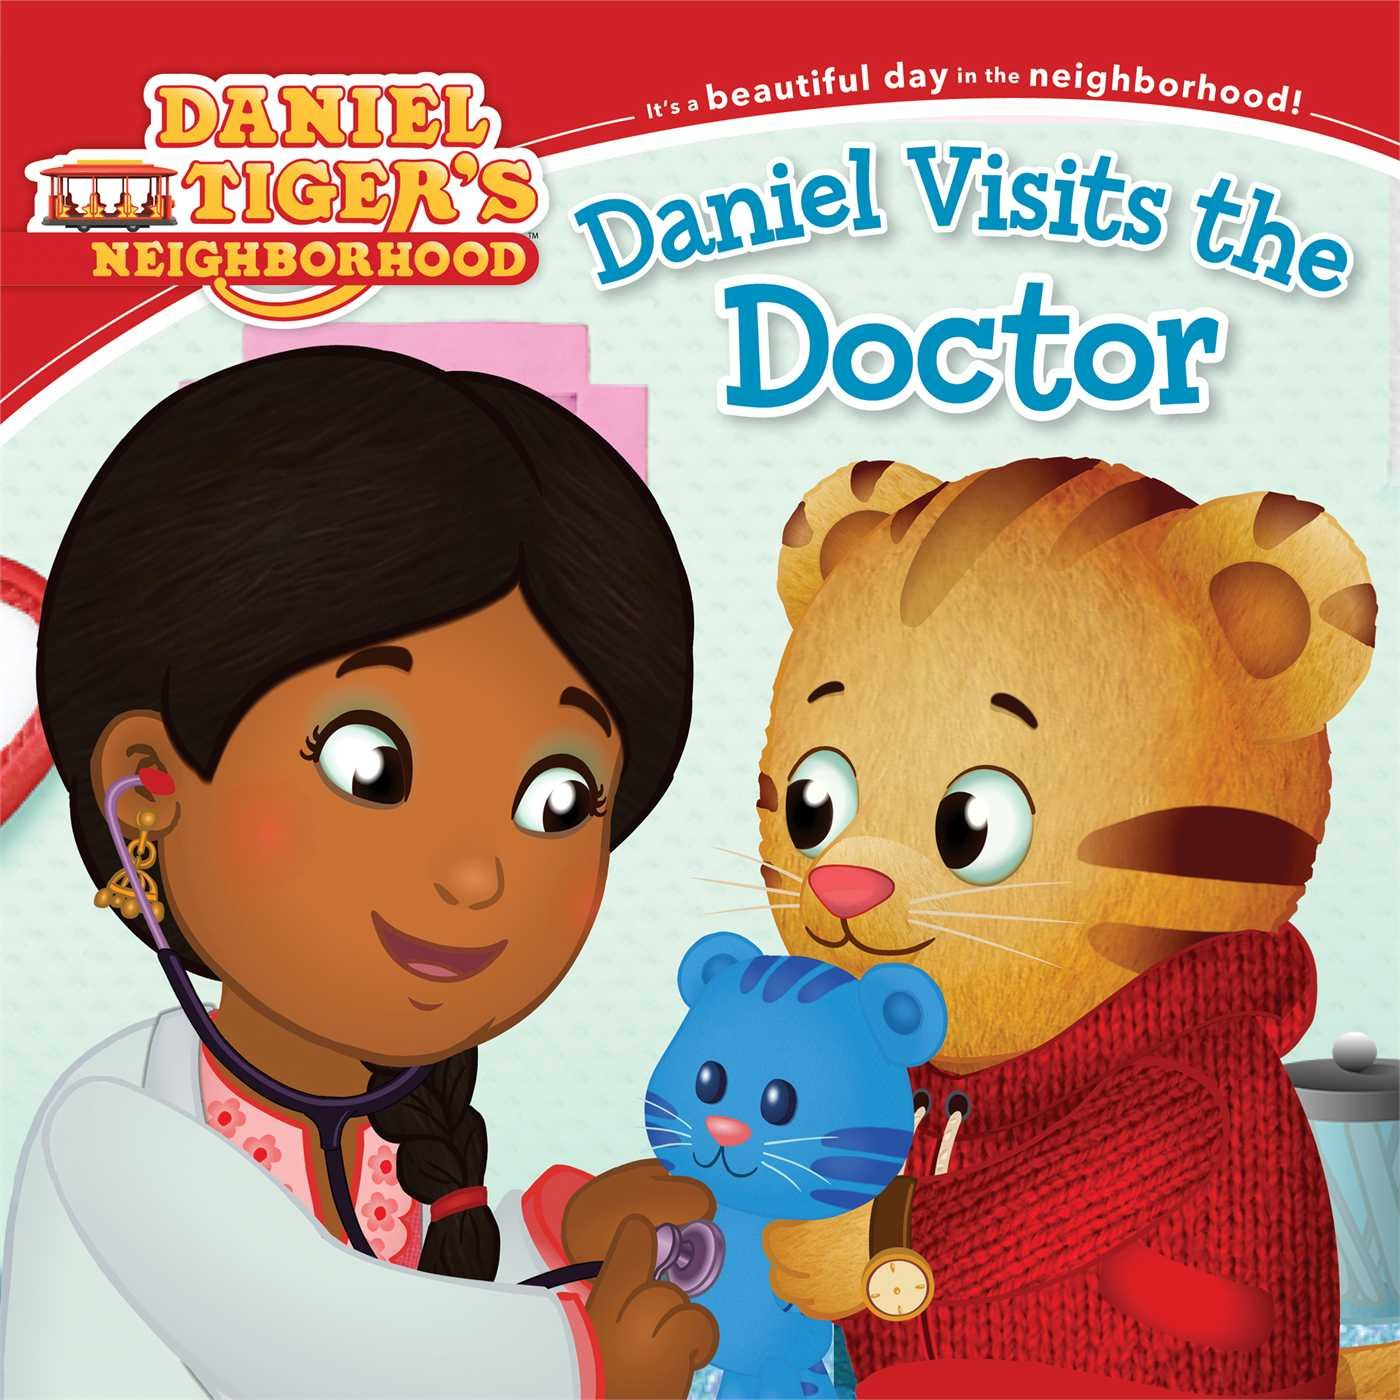 Daniel Visits the Doctor (Daniel Tiger's Neighborhood): Becky Friedman, Jason Fruchter: 9781481417341: Amazon.com: Books